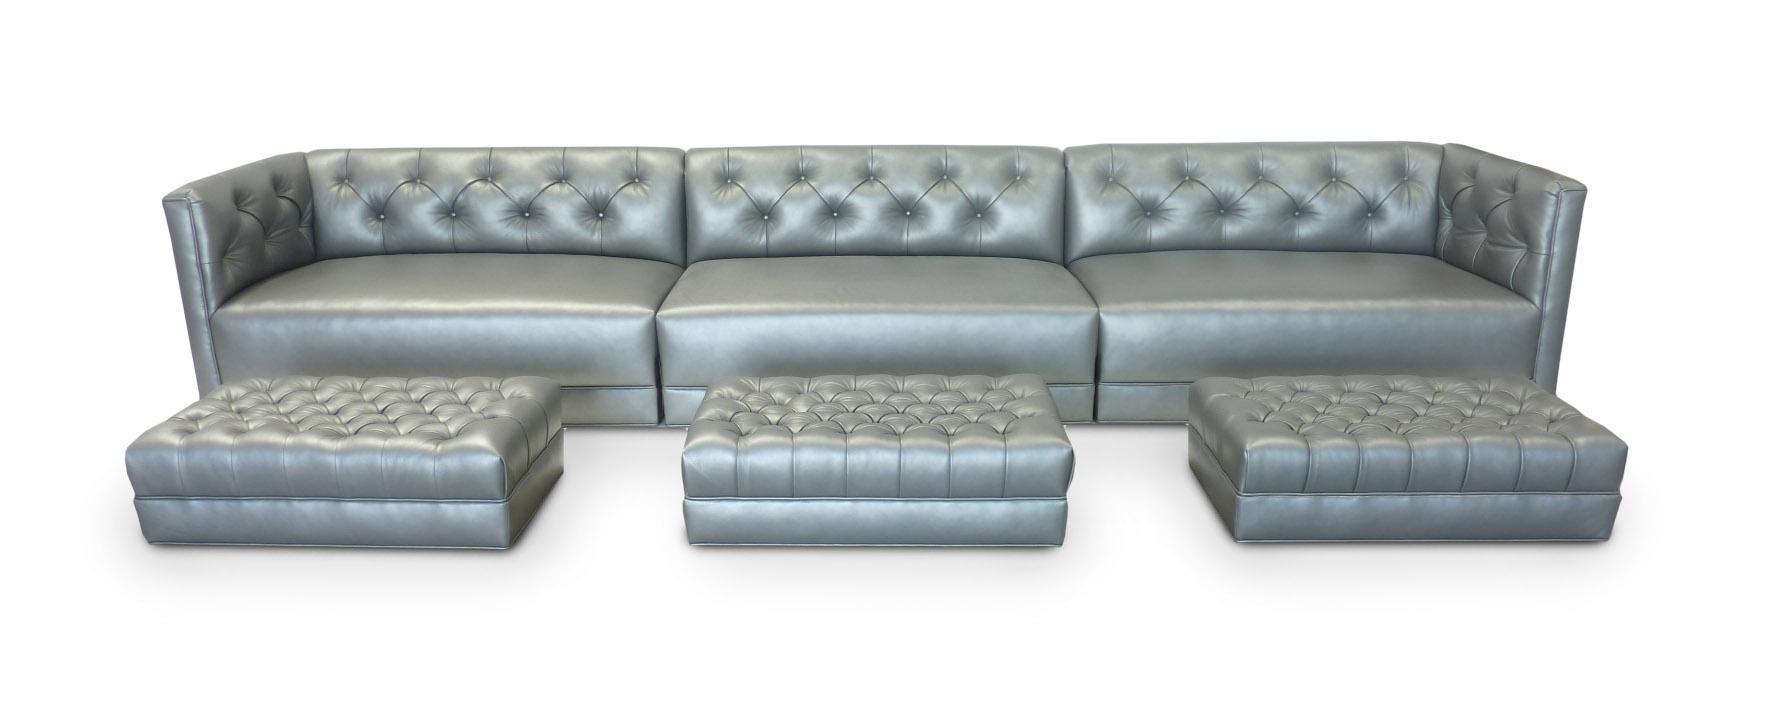 Custom Sofa & Ottomans